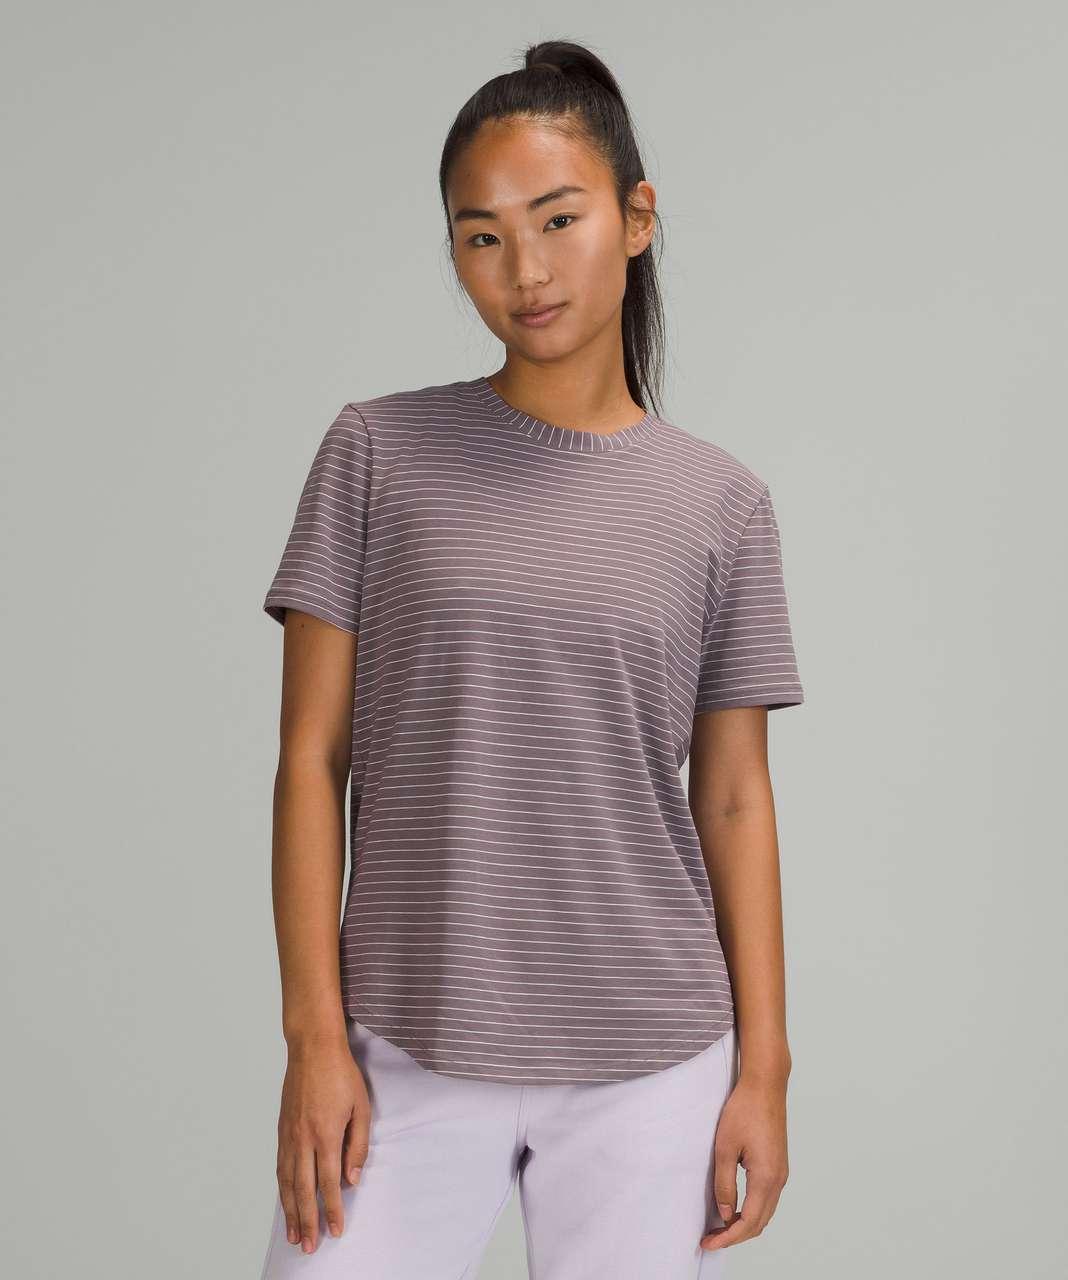 Lululemon Love Crew Short Sleeve T-Shirt - Synchronise Stripe Lunar Rock White